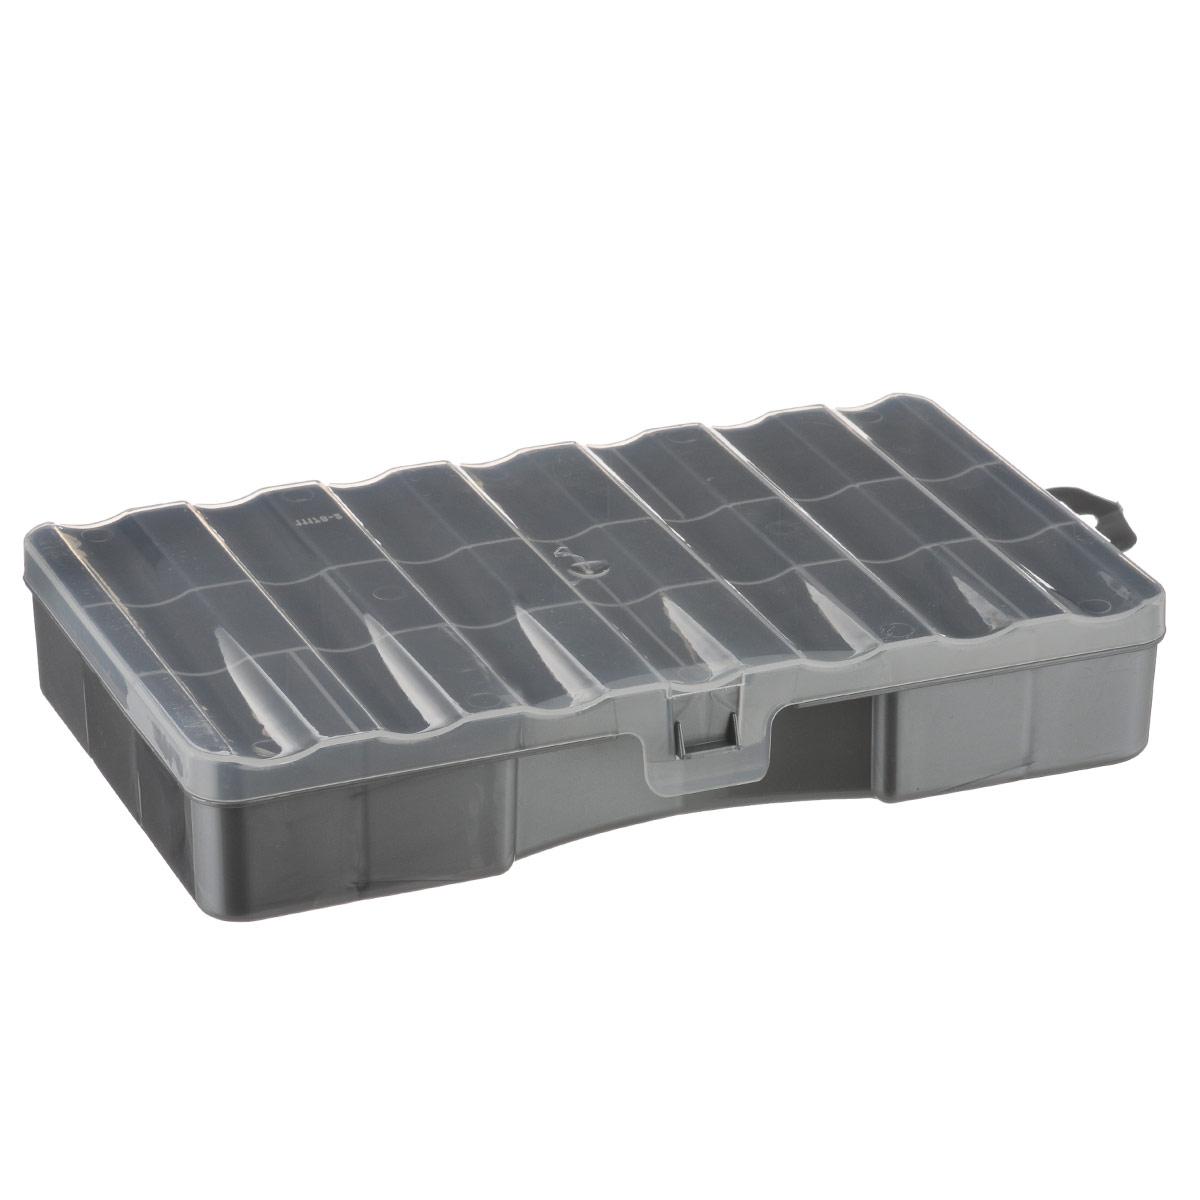 Органайзер Профи 12, цвет: серый, прозрачный, 25 х 15,8 х 4,5 смС512Органайзер Профи 12 выполнен из высококачественного пластика и предназначен для хранения различных мелочей. В органайзере имеется 12 ячеек, размер которых позволяет хранить в них различные бусины, мелочи для рукоделия, например, бисер, блестки, стразы и другое. Изделие плотно закрывает прозрачной крышкой с защелкой. С таким органайзером у вас всегда будет порядок на вашем рабочем столе.